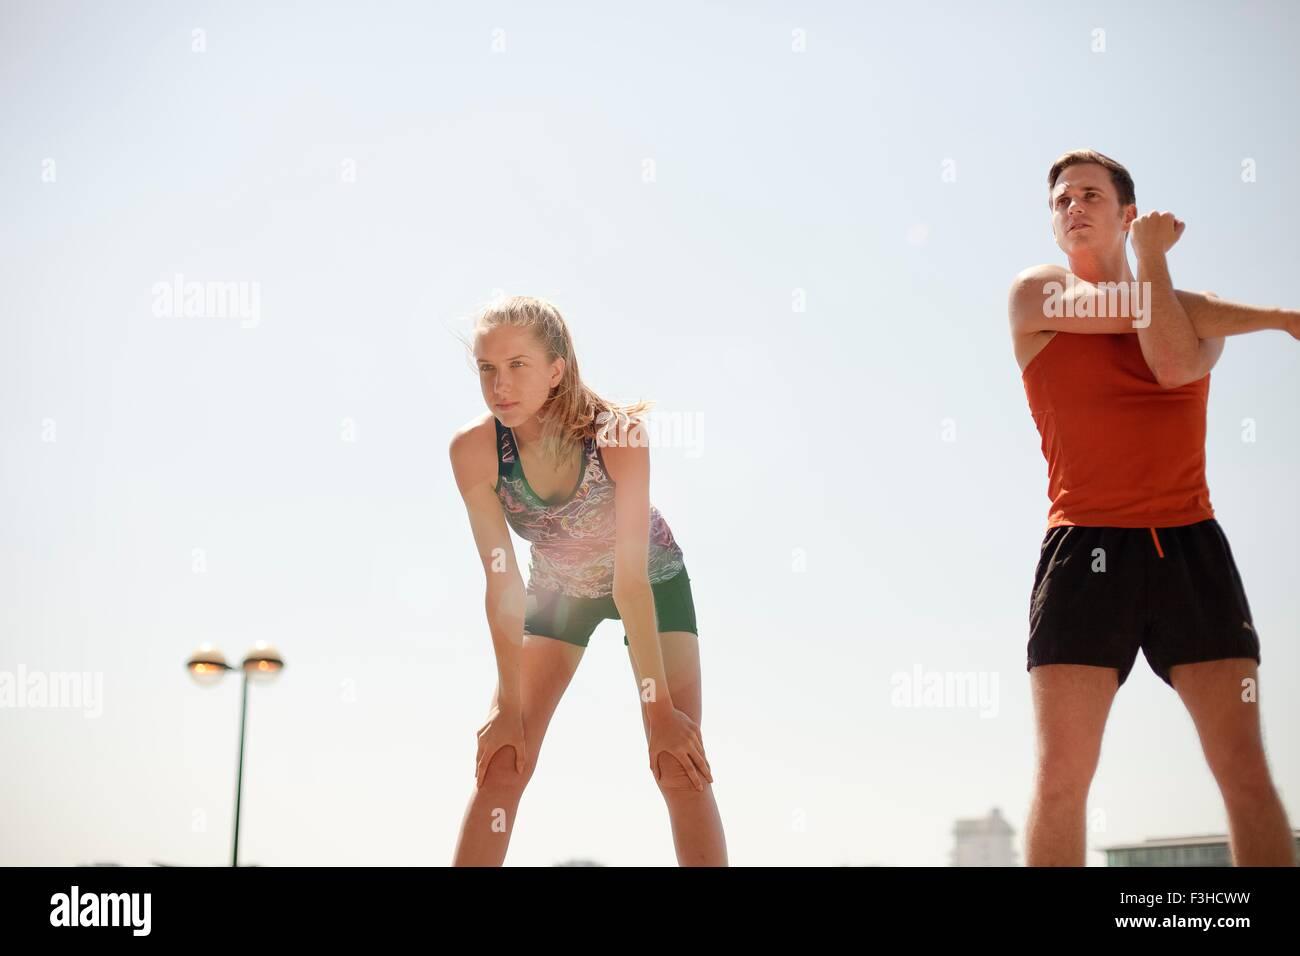 Läufer, die Dehnung während der Übung Stockfoto